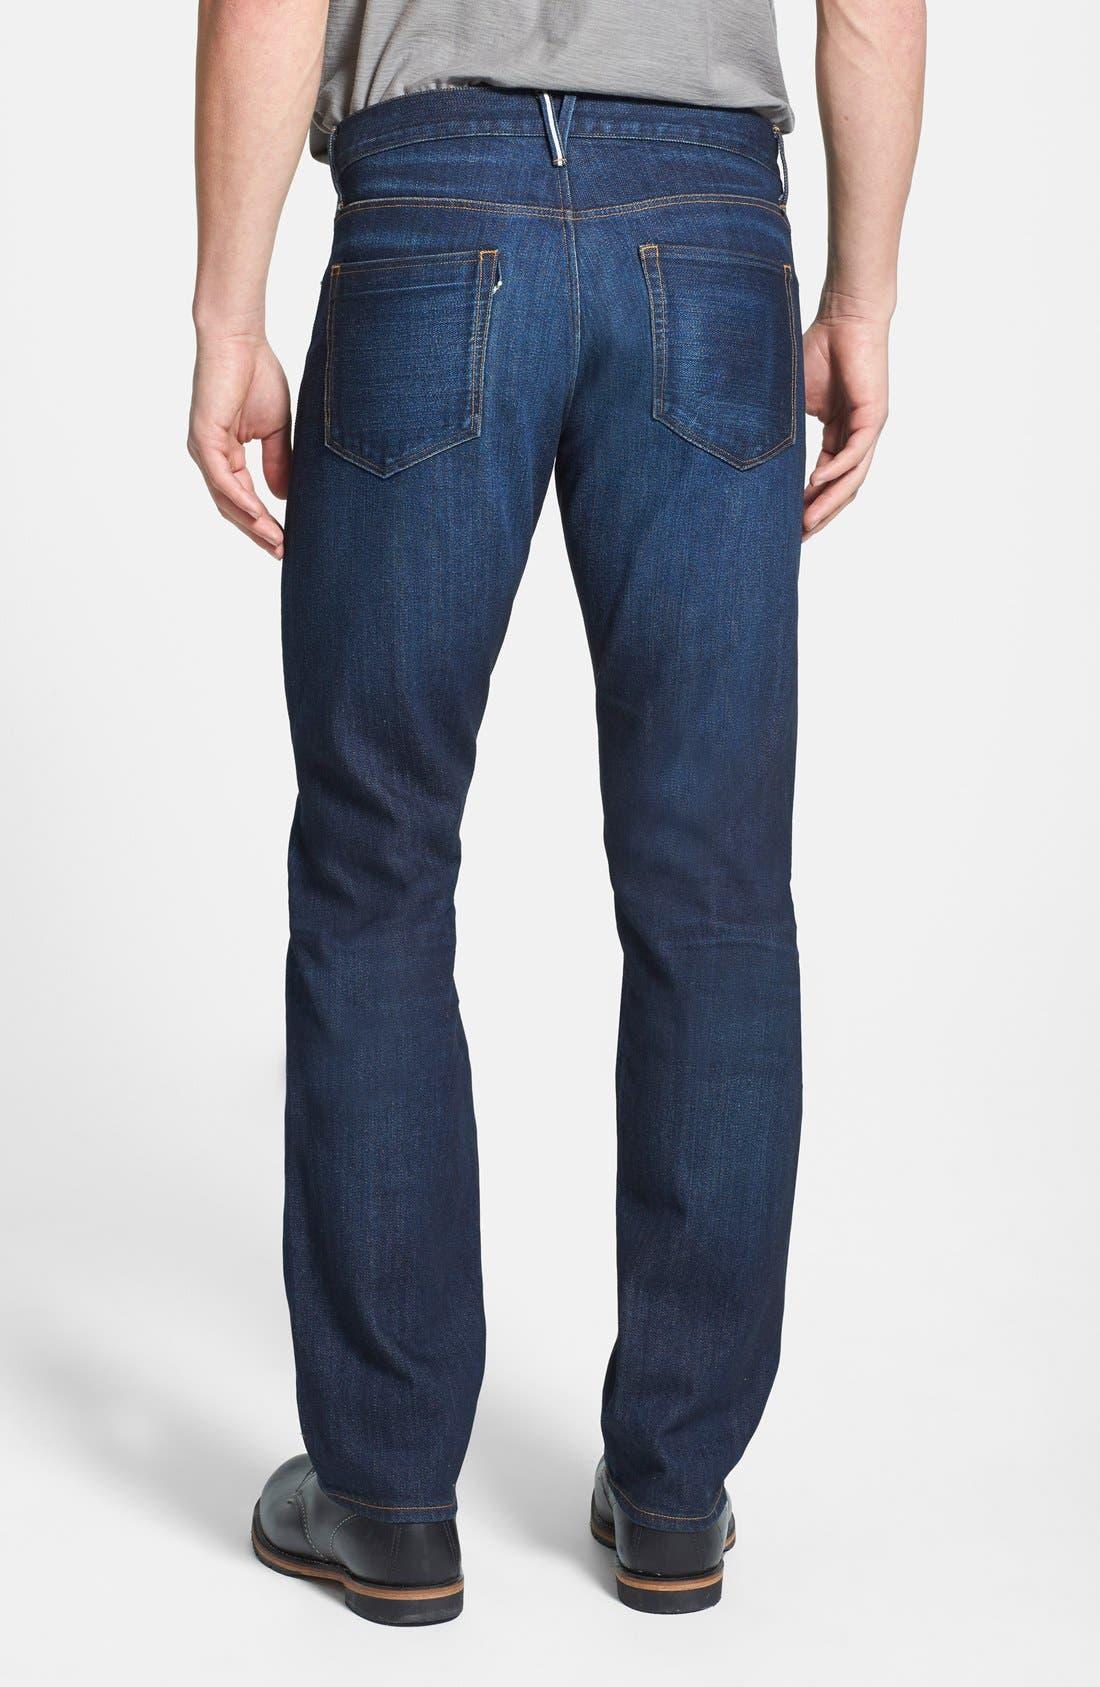 'M4' Straight Leg Selvedge Jeans,                             Alternate thumbnail 3, color,                             413